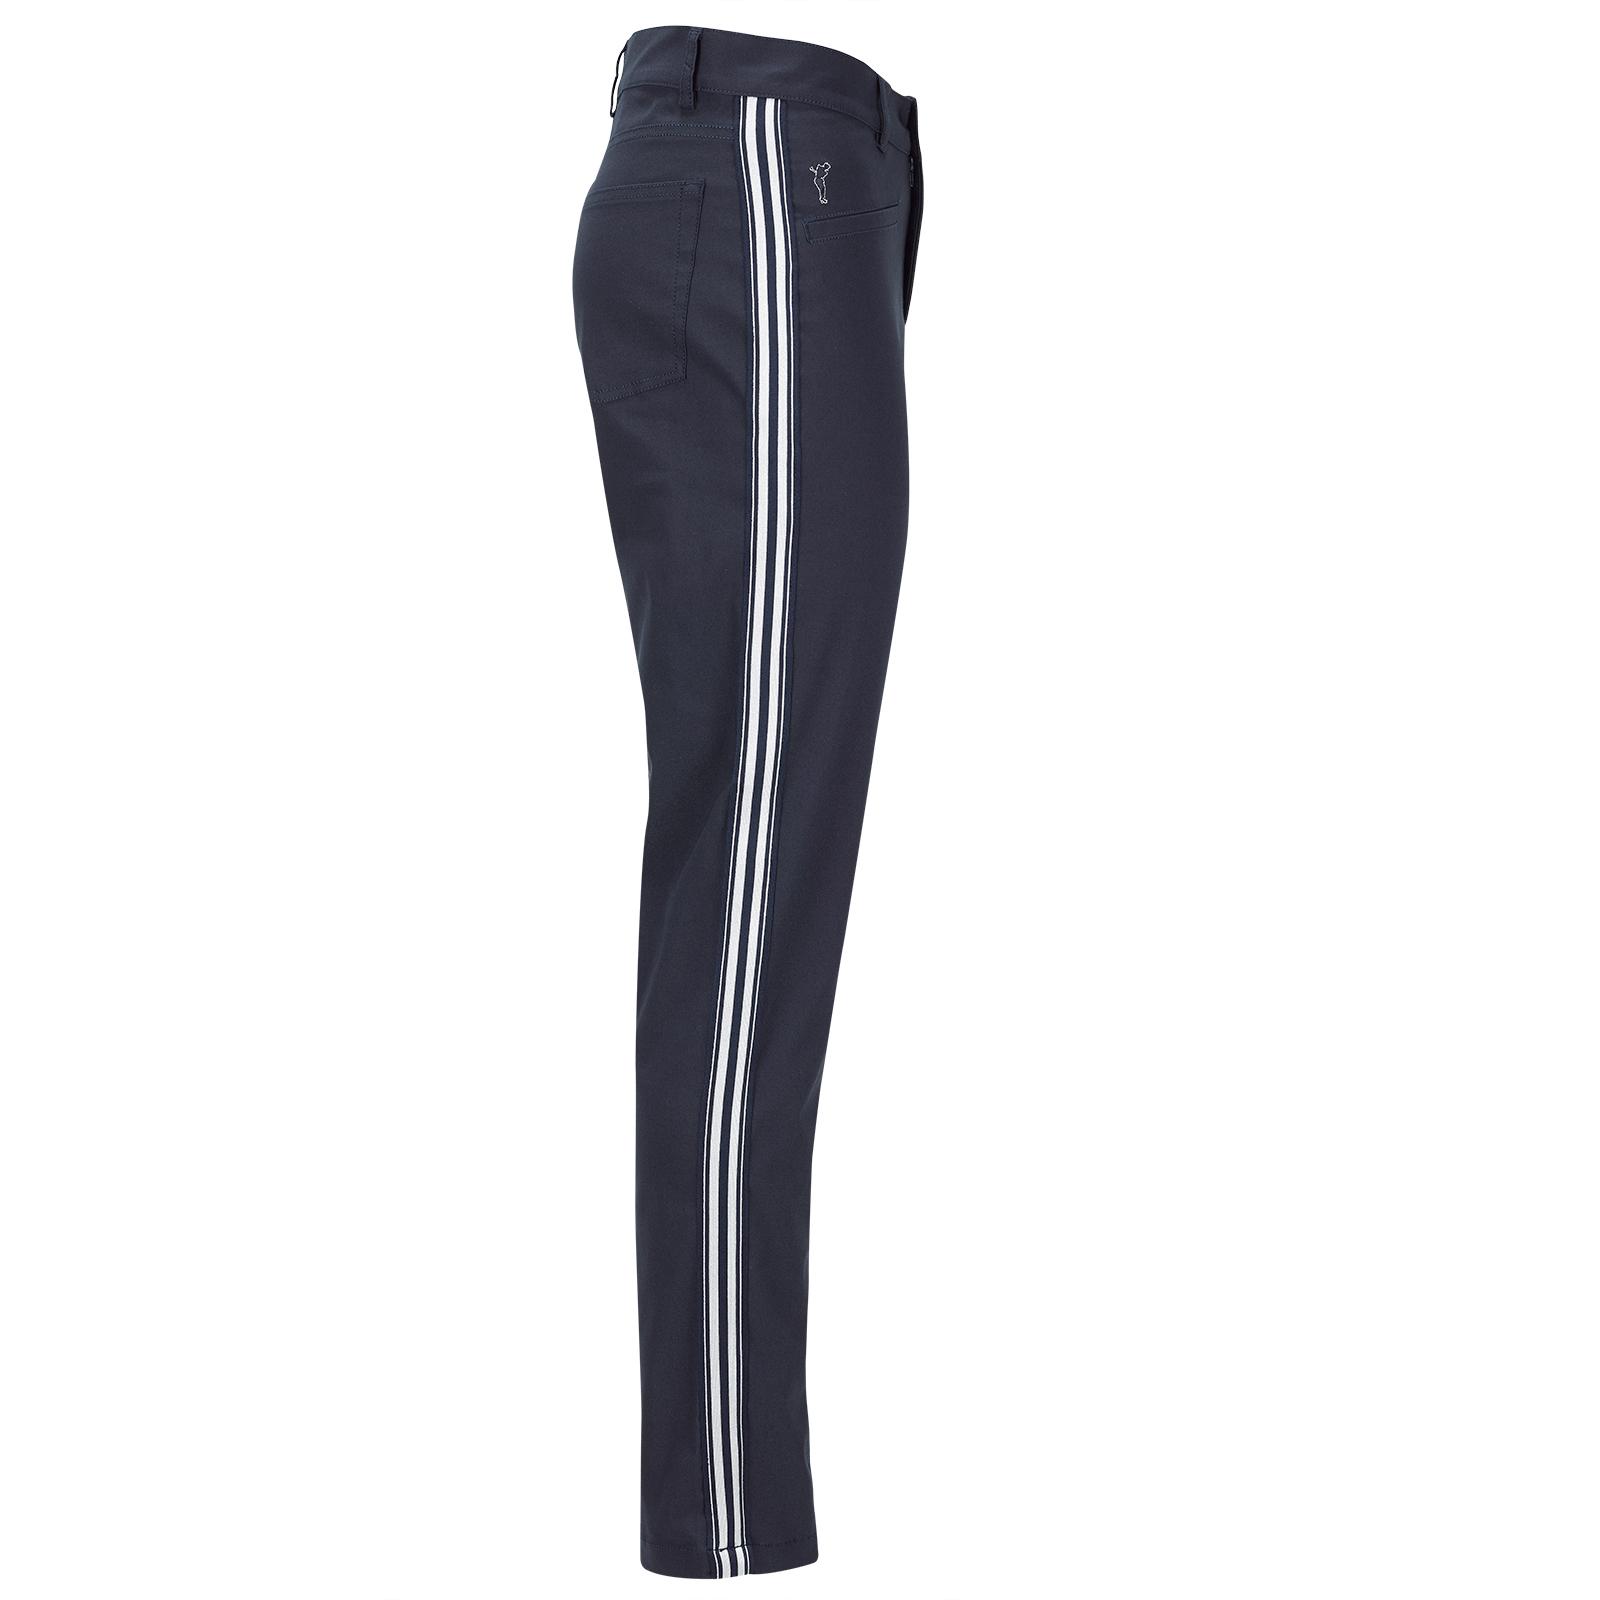 Damen 7/8 Golfhose aus Techno-Stretch mit Cold Protection und UV Schutz